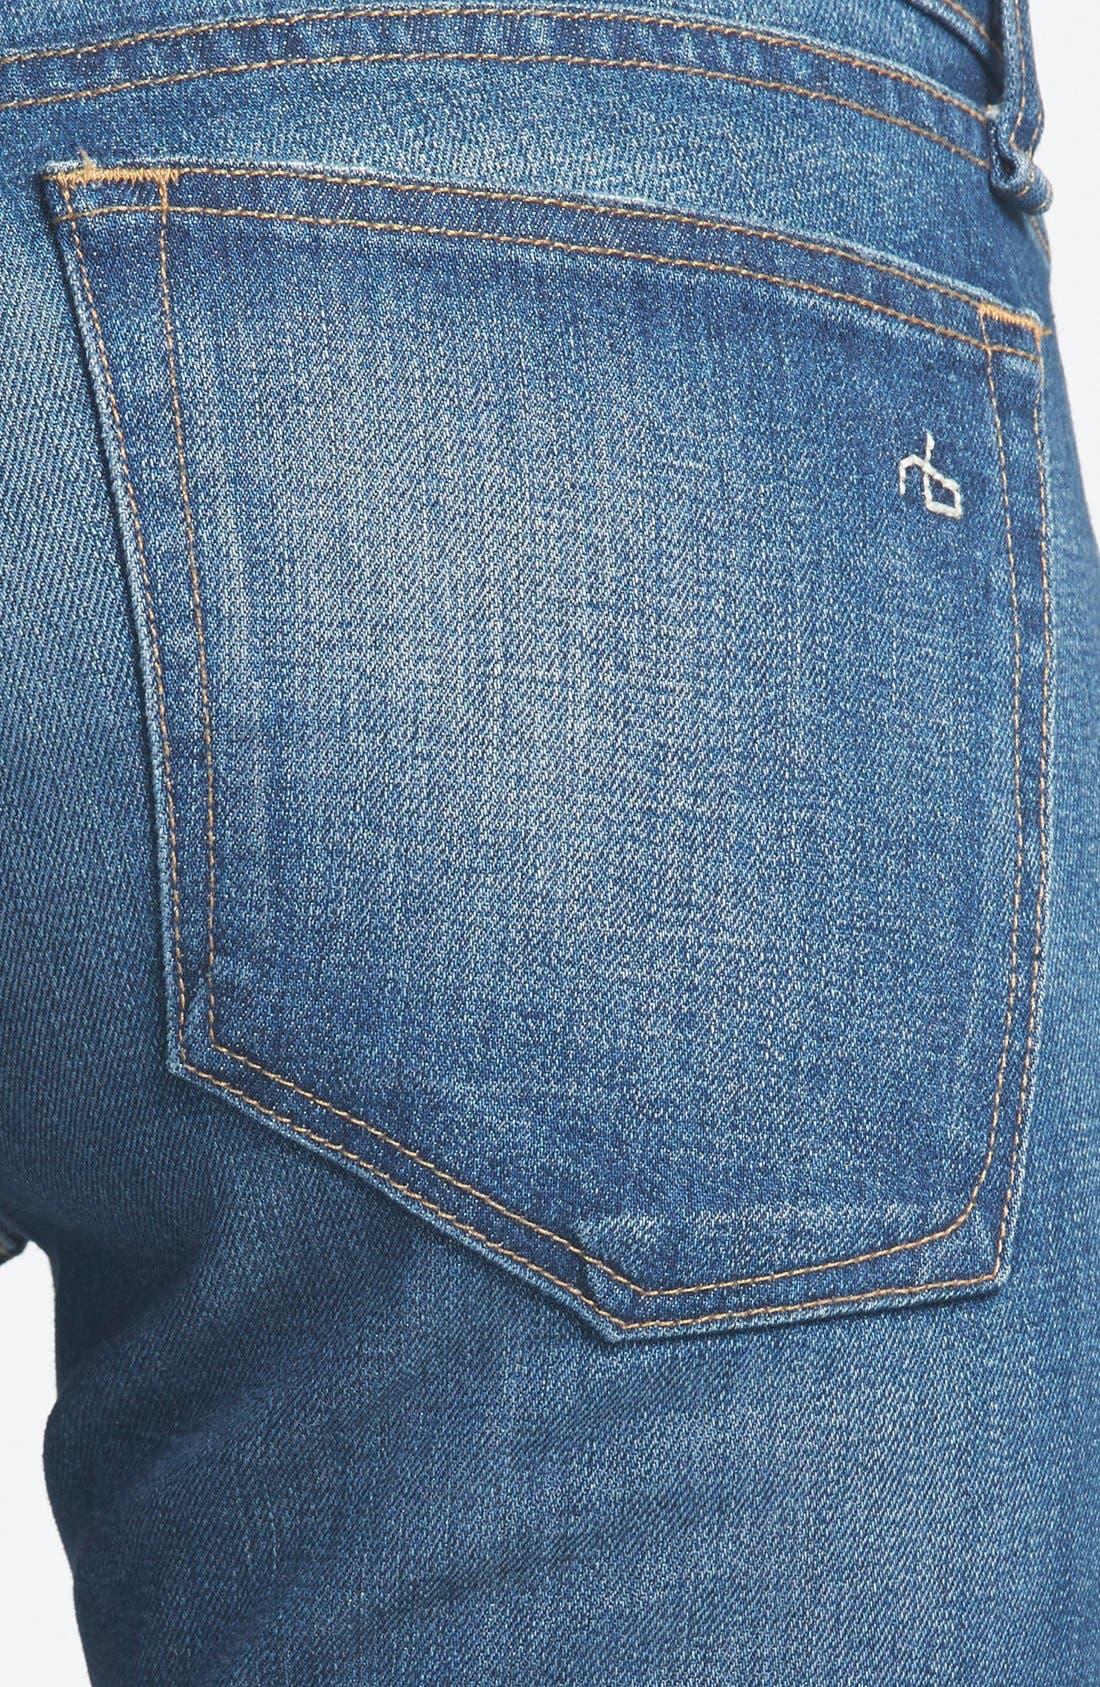 JEAN 'The Dre' Slim Fit Boyfriend Jeans,                             Alternate thumbnail 6, color,                             400